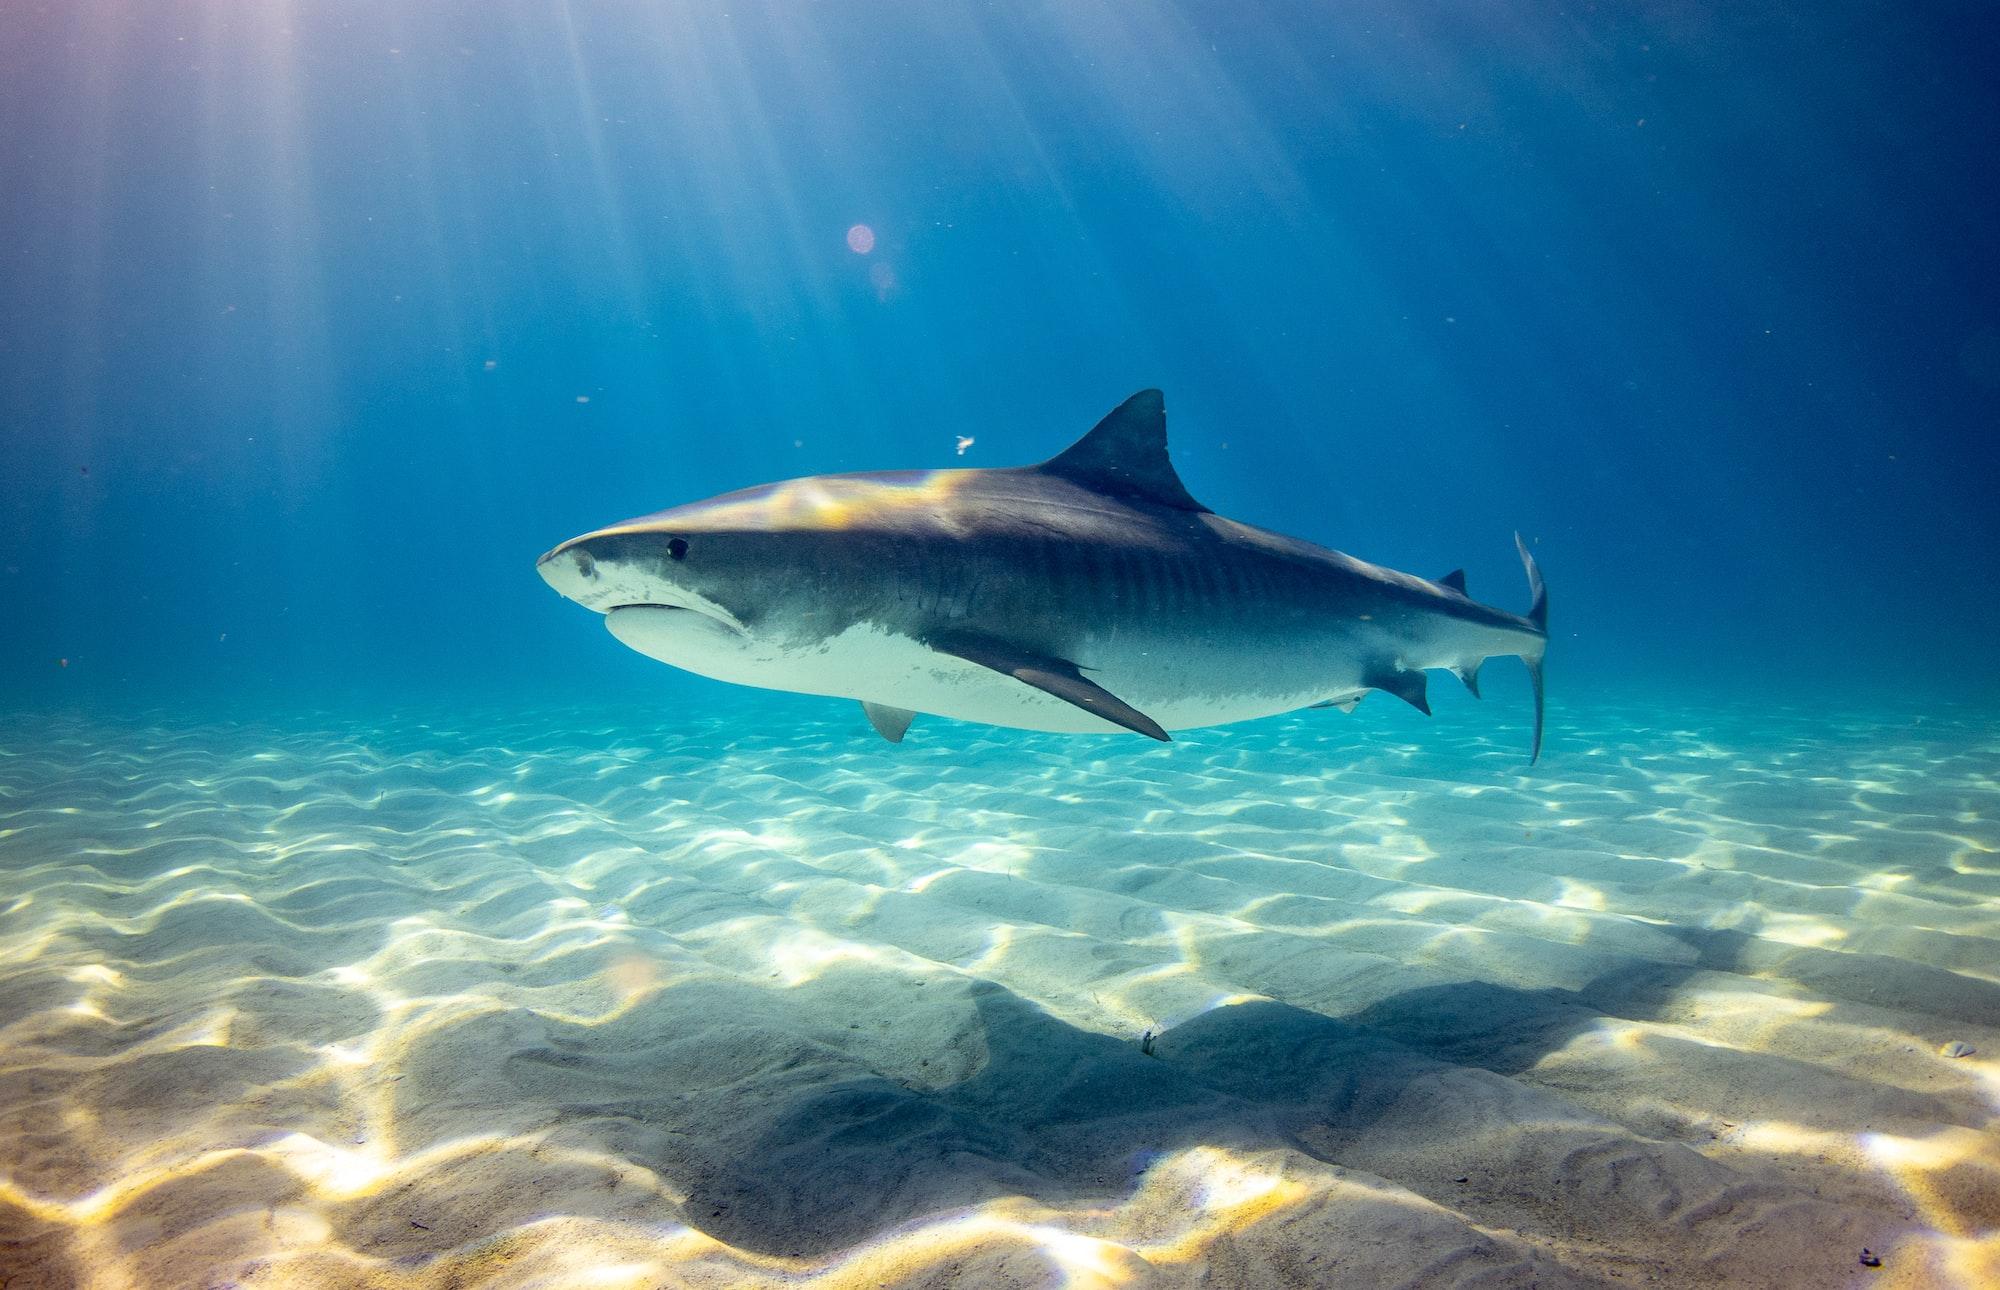 Freelance Shark ⚓ Акулы фриланса - Сообщество фрилансеров